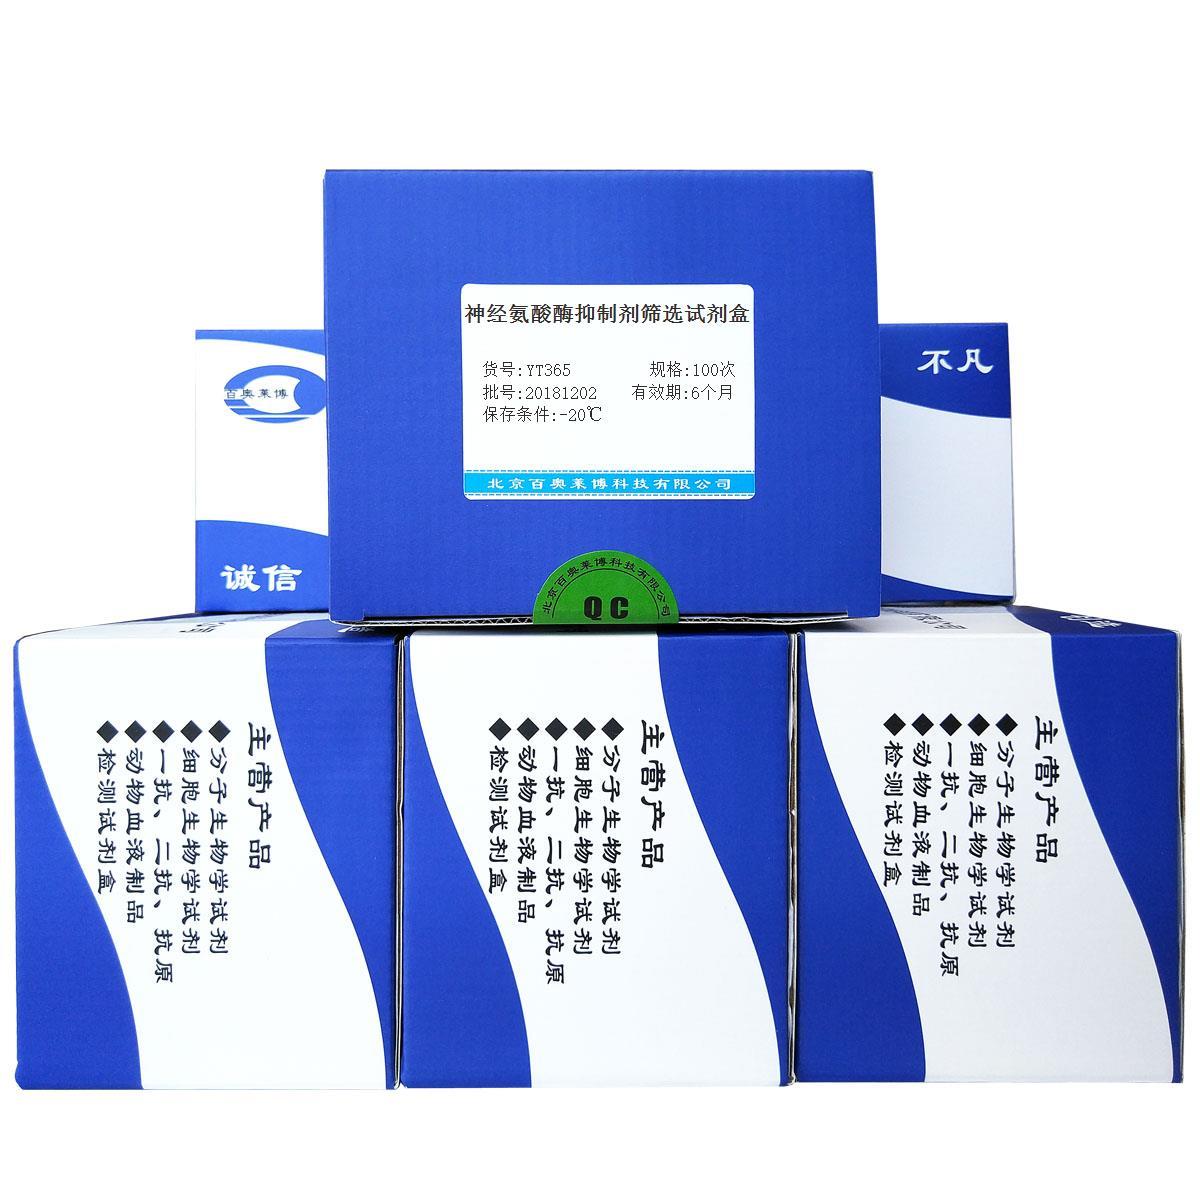 神经氨酸酶抑制剂筛选试剂盒